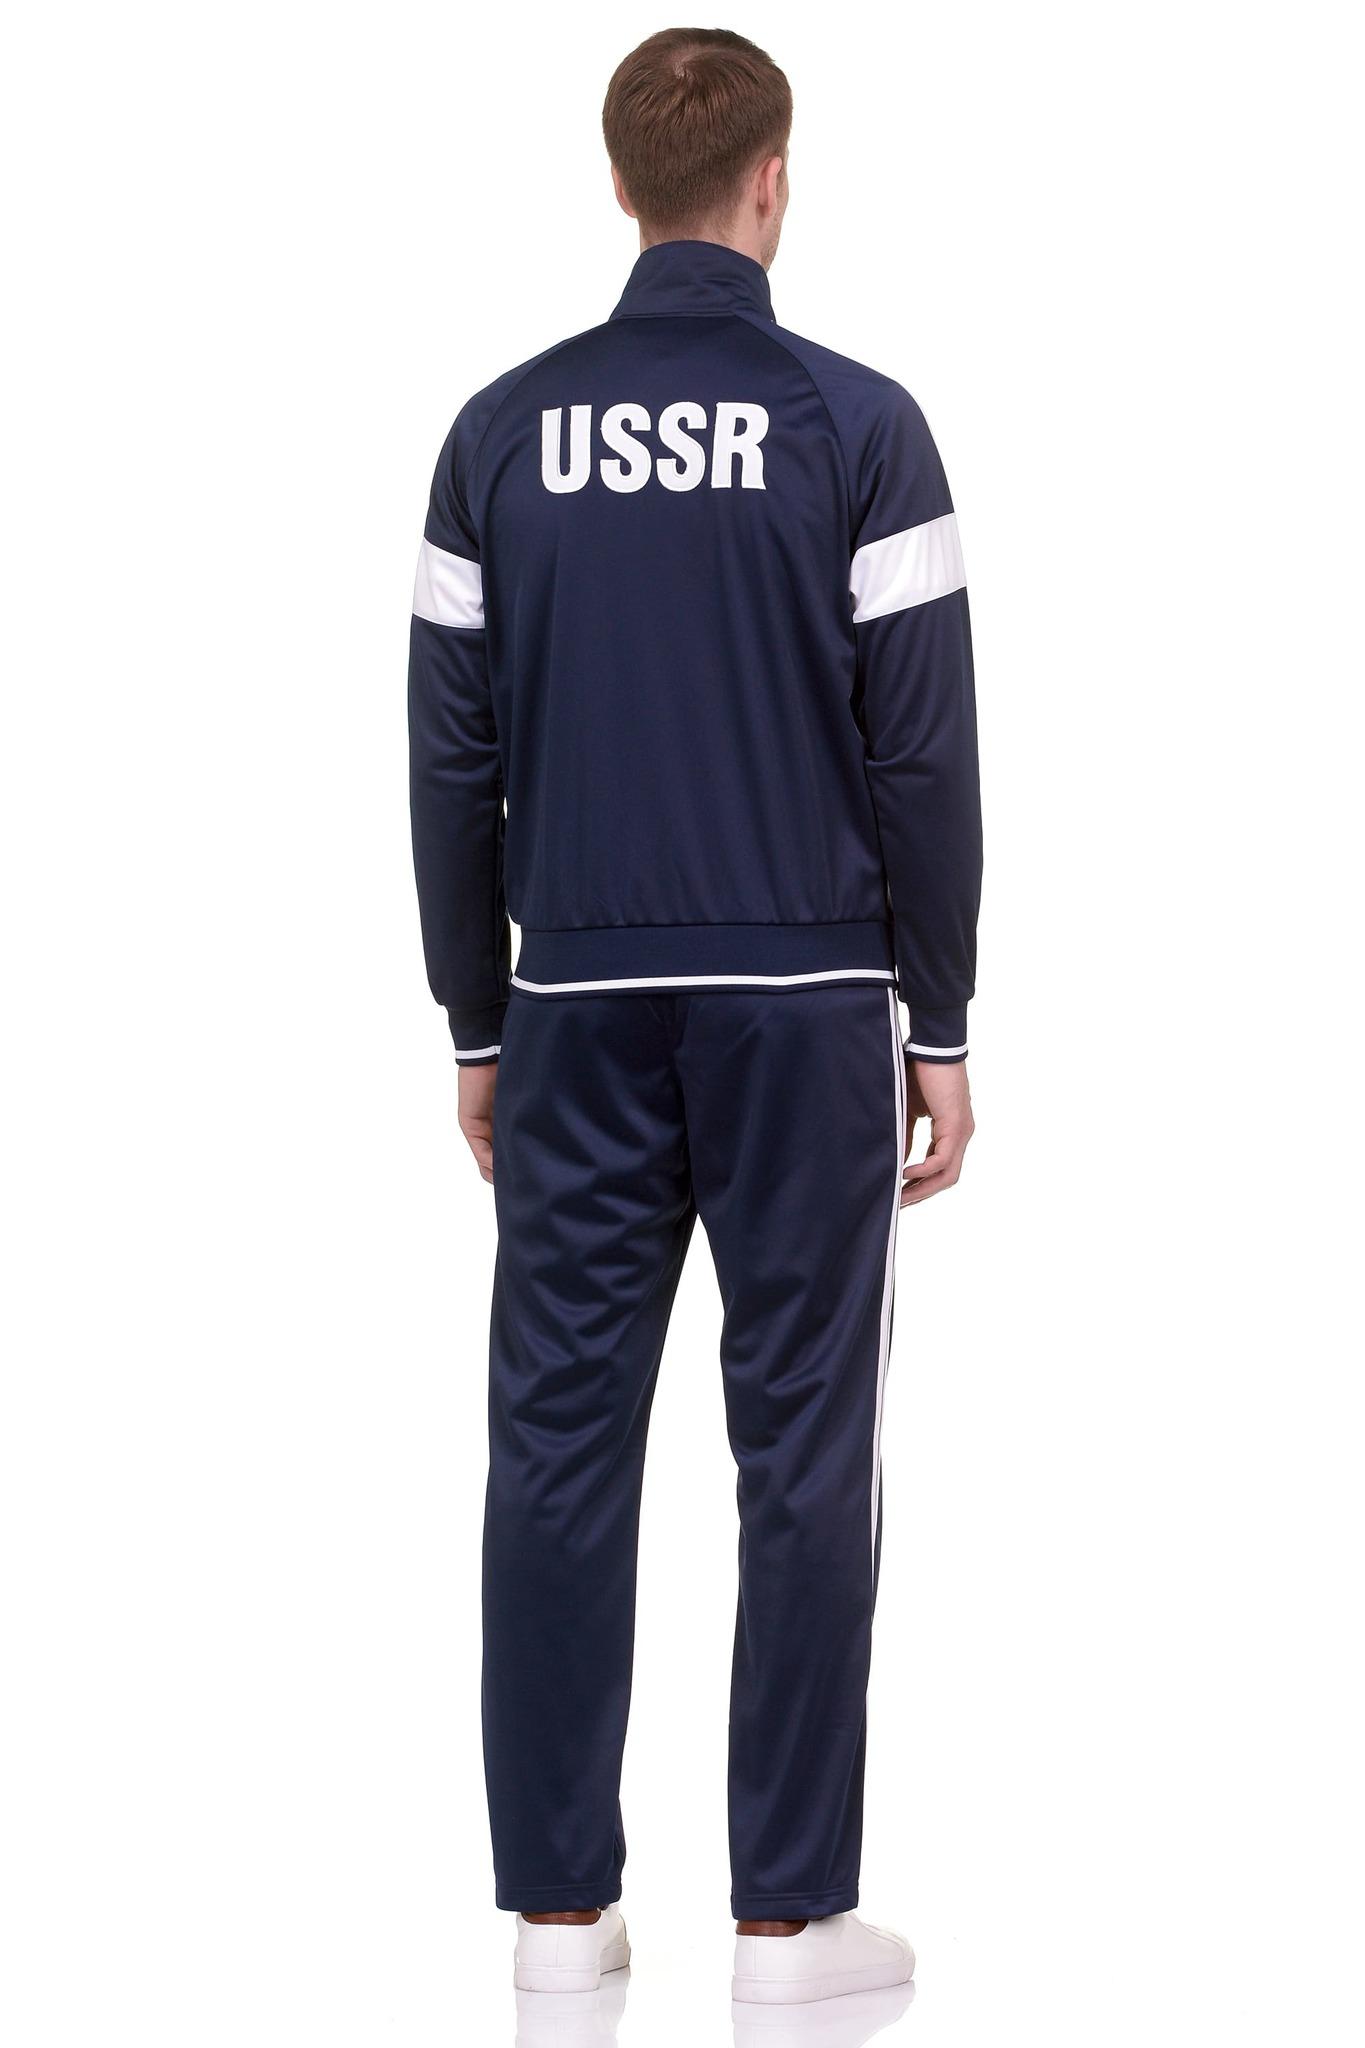 Спортивный костюм USSR синий с надписью